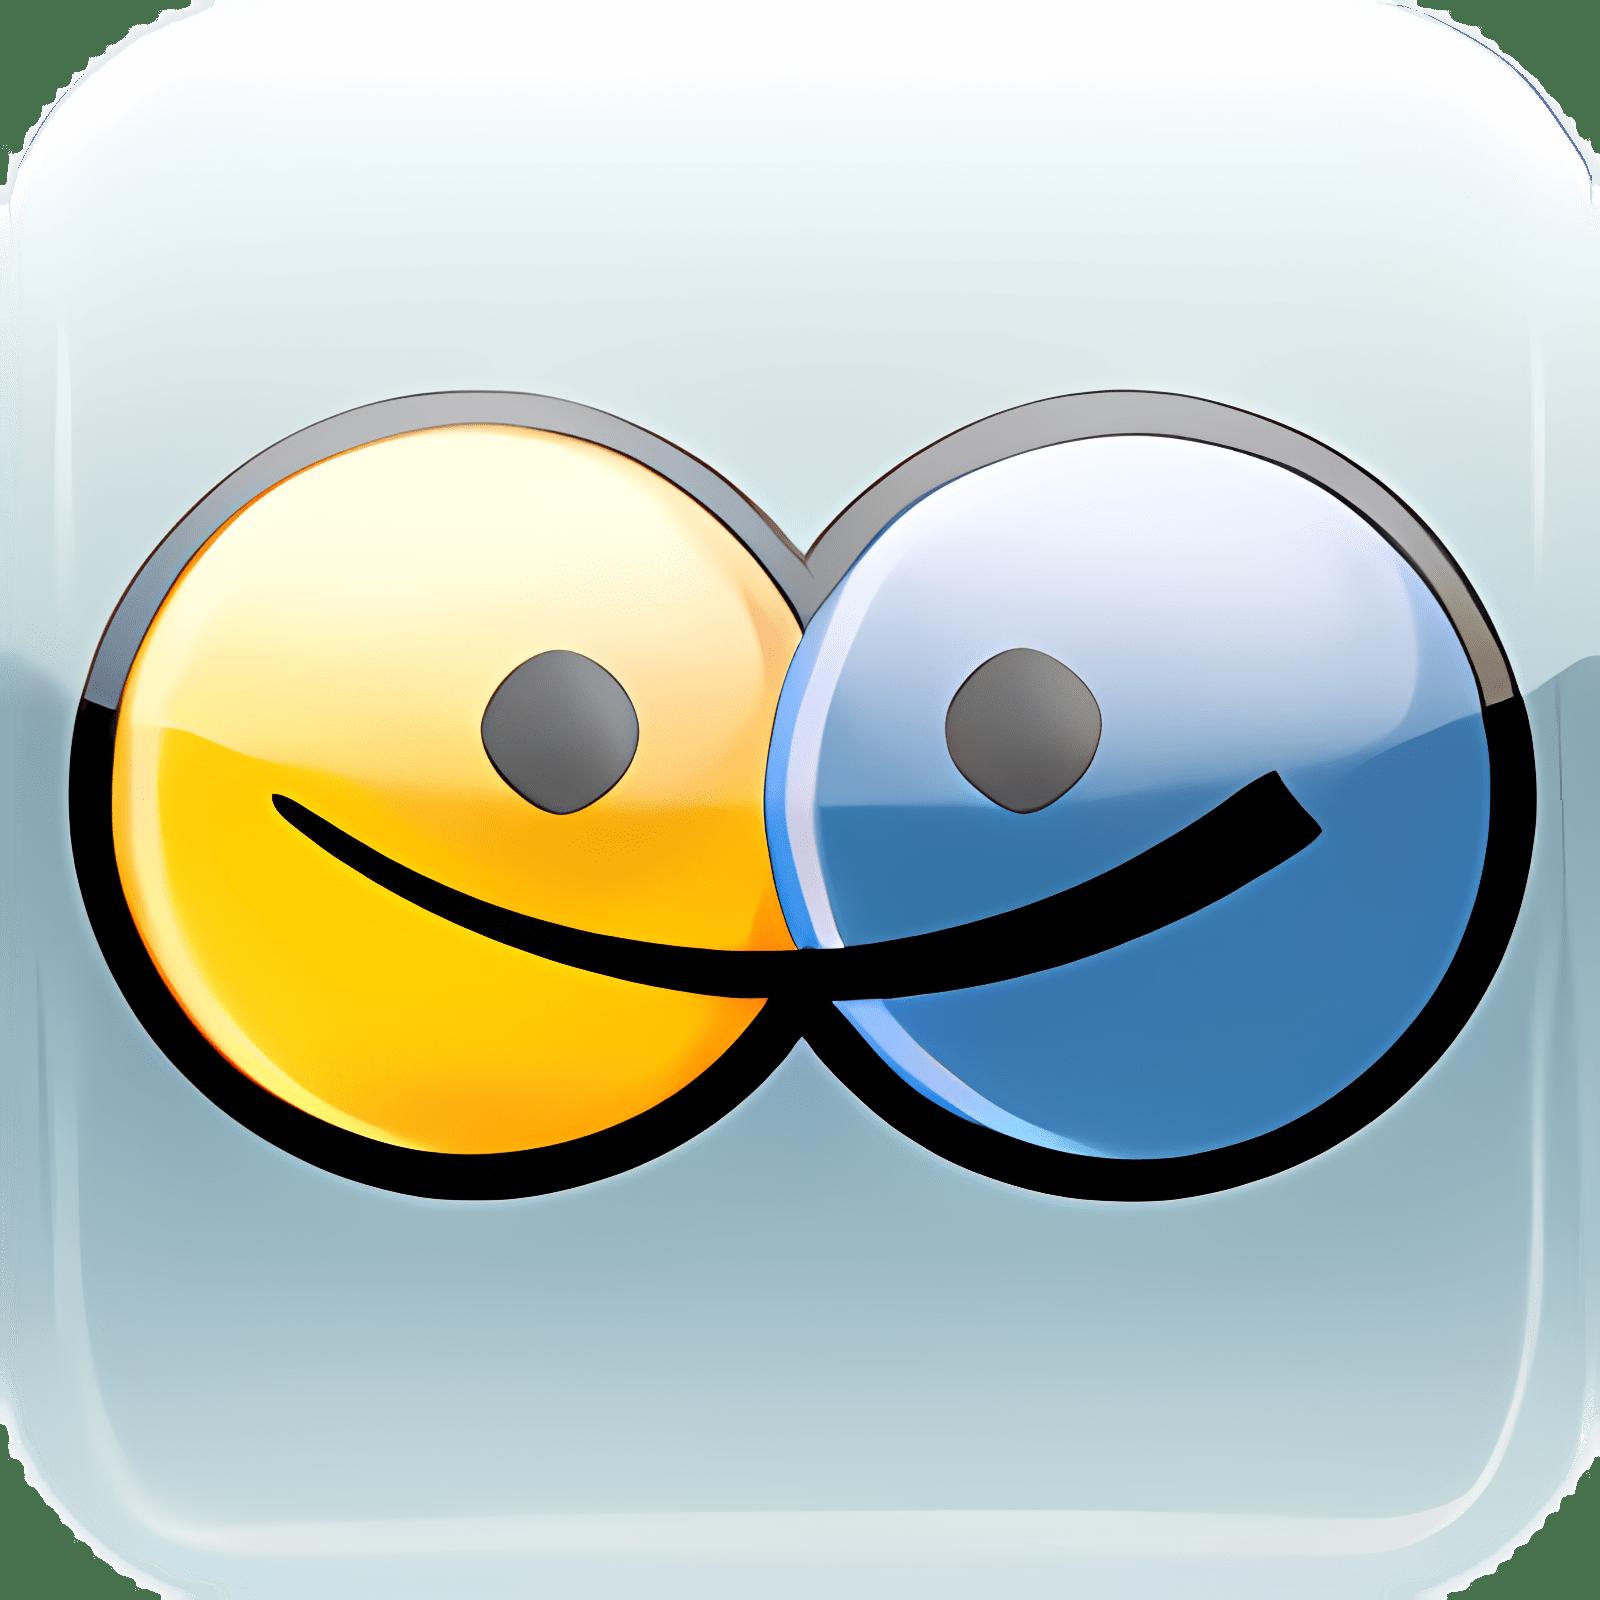 goober Messenger 2.1